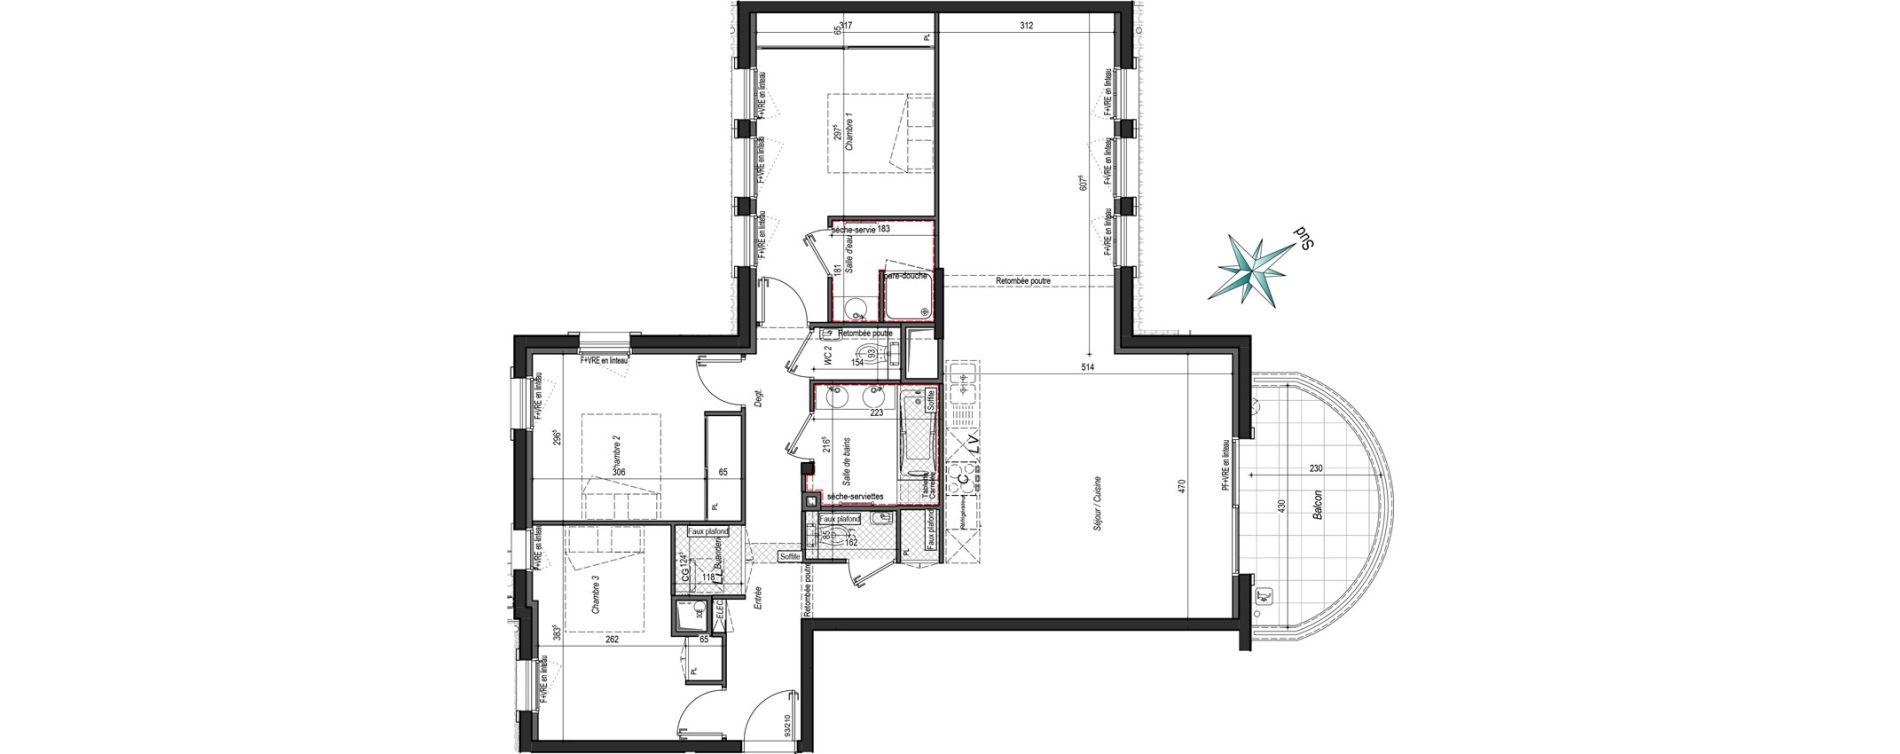 Appartement T4 de 101,61 m2 à Bayonne Arènes - lachepaillet